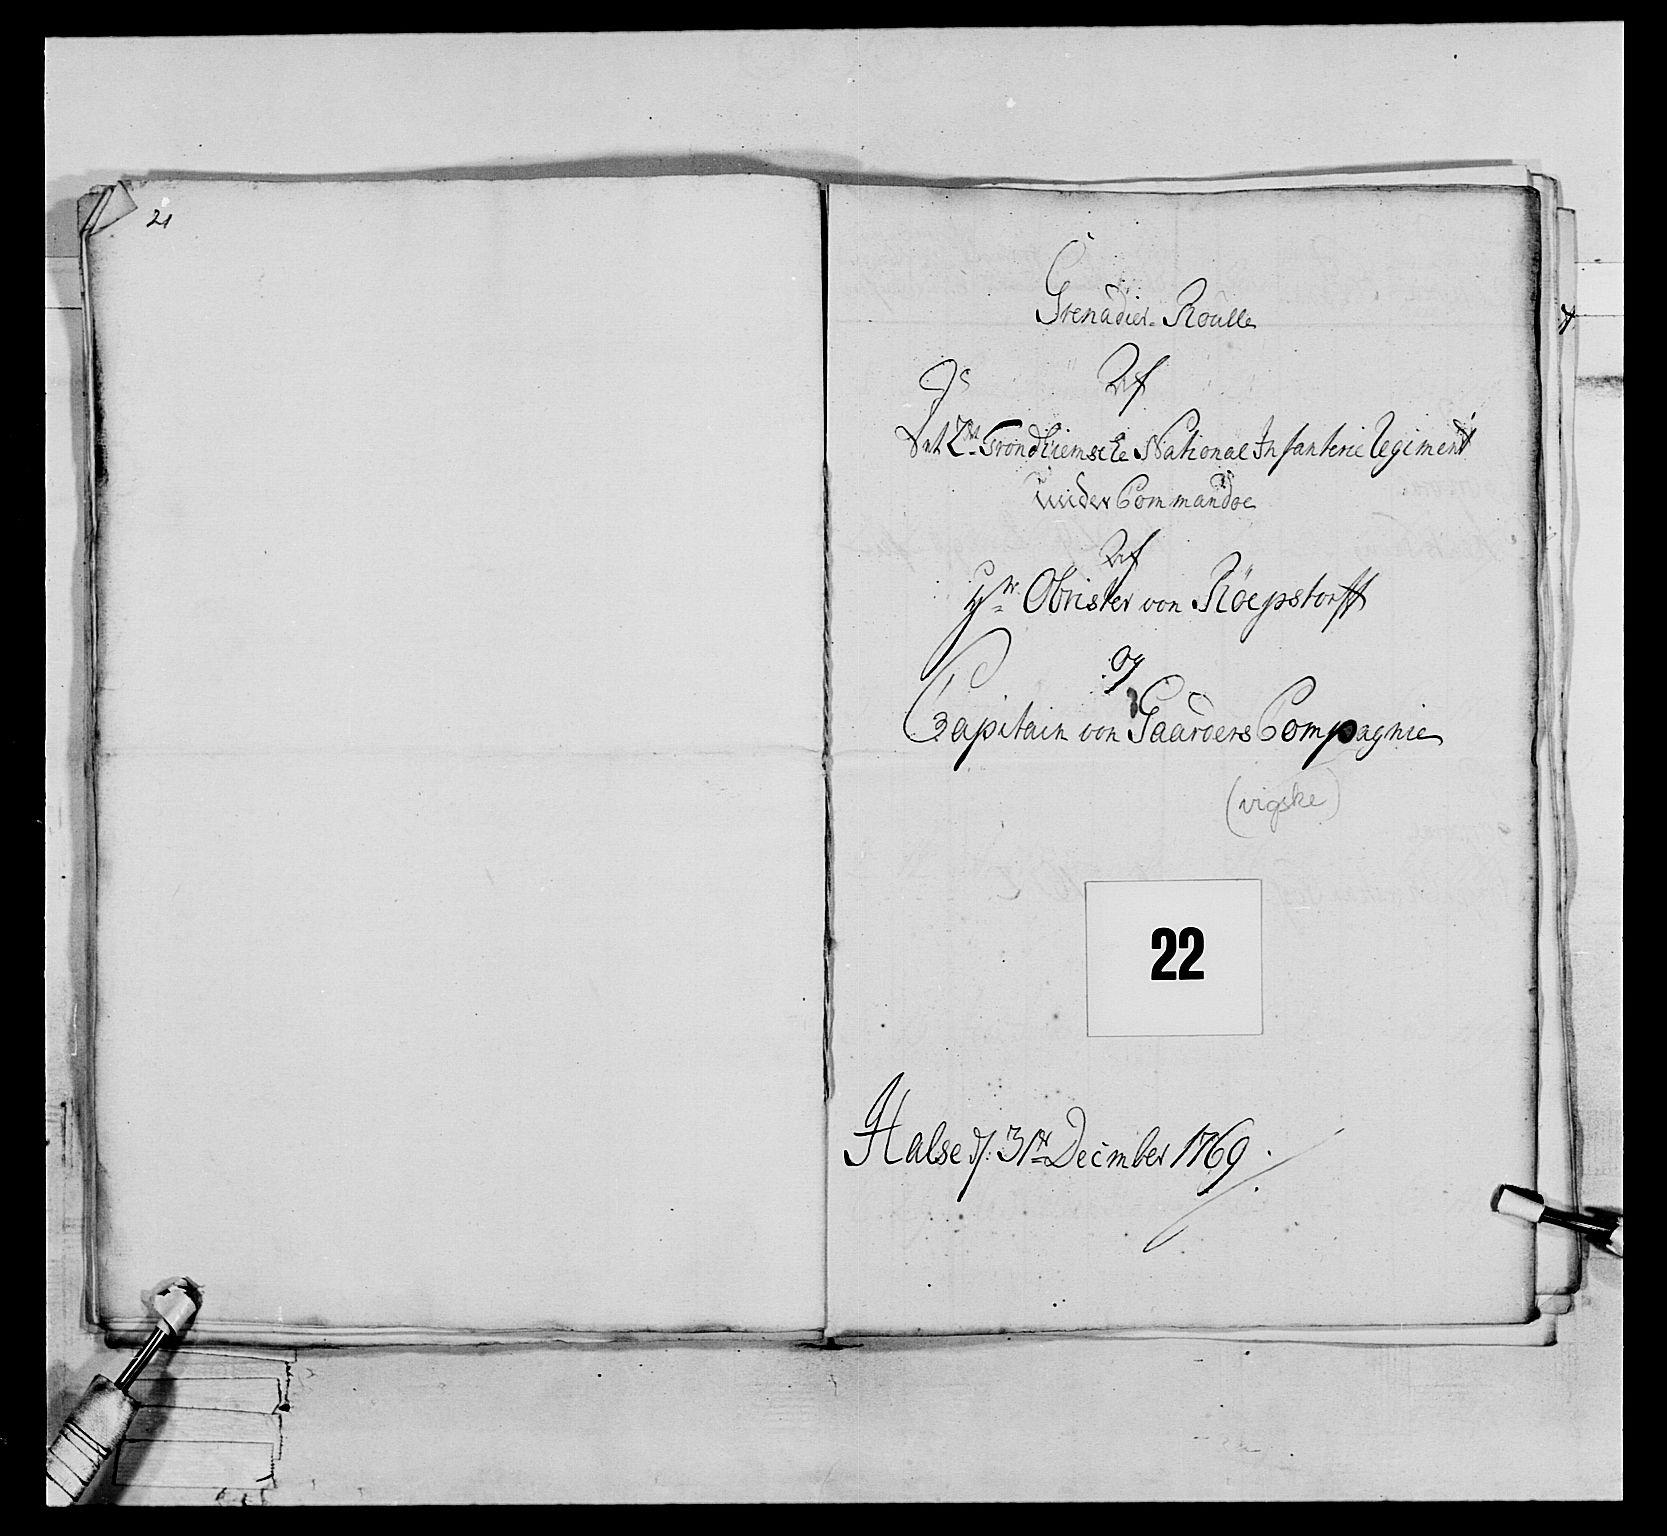 RA, Generalitets- og kommissariatskollegiet, Det kongelige norske kommissariatskollegium, E/Eh/L0076: 2. Trondheimske nasjonale infanteriregiment, 1766-1773, s. 51